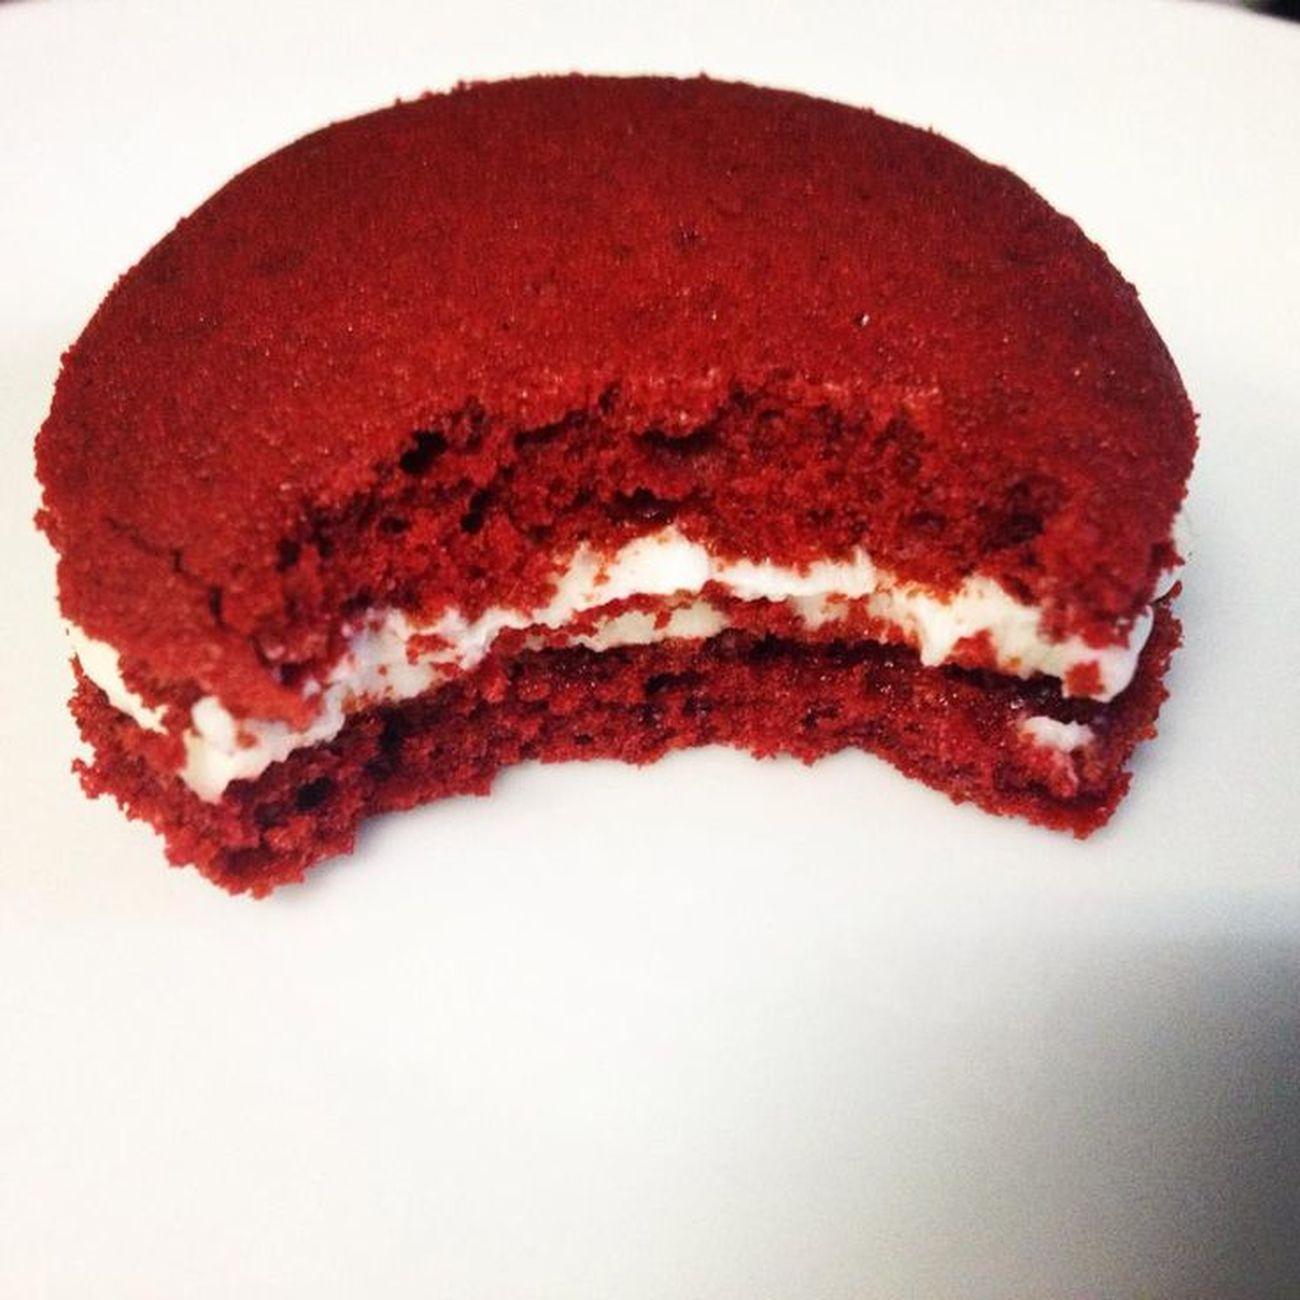 The desserts I make! http://solozuccheriacolazione.altervista.org Desserts Whoopiepie